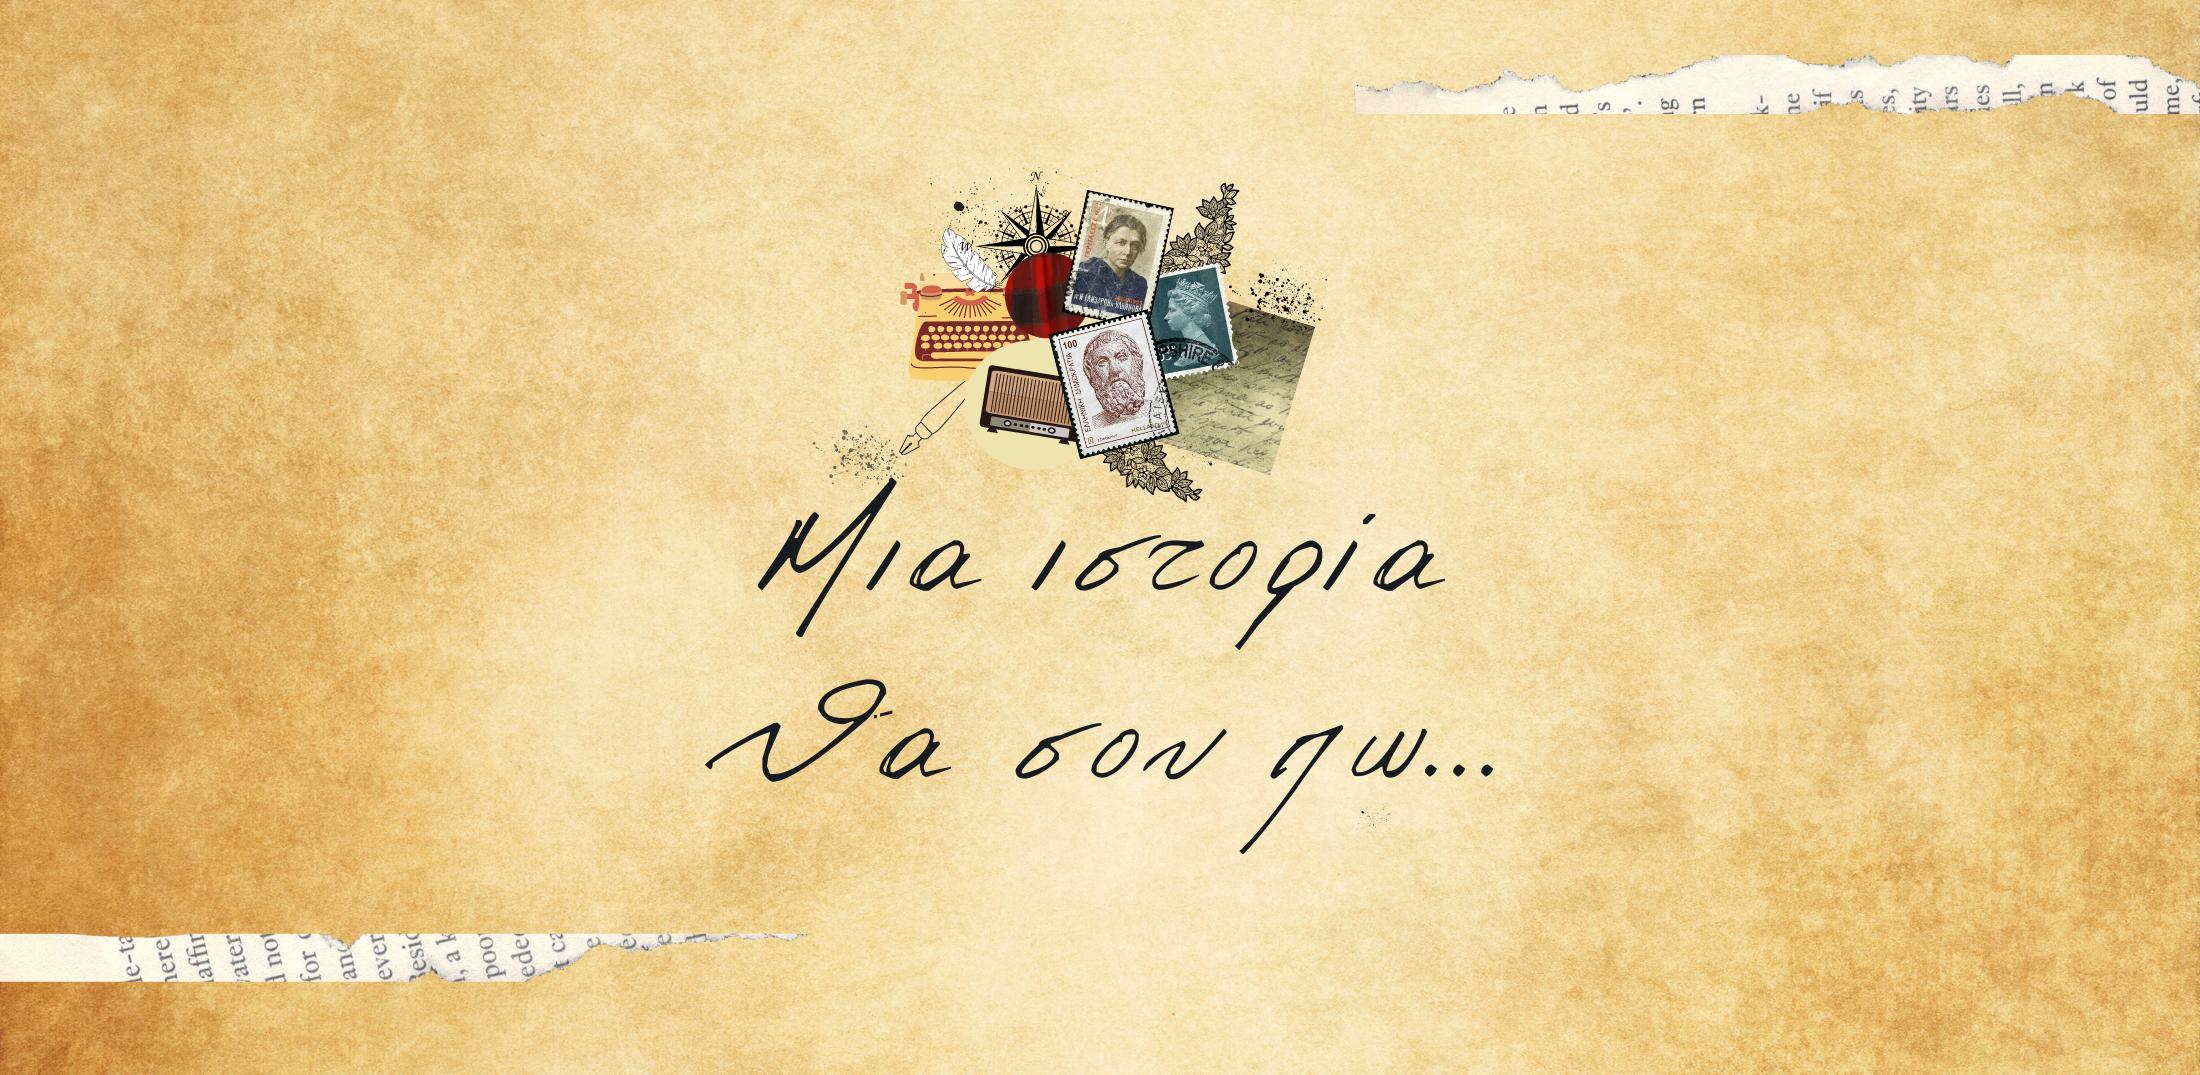 Μια ιστορία θα σου πω_zvoura.gr